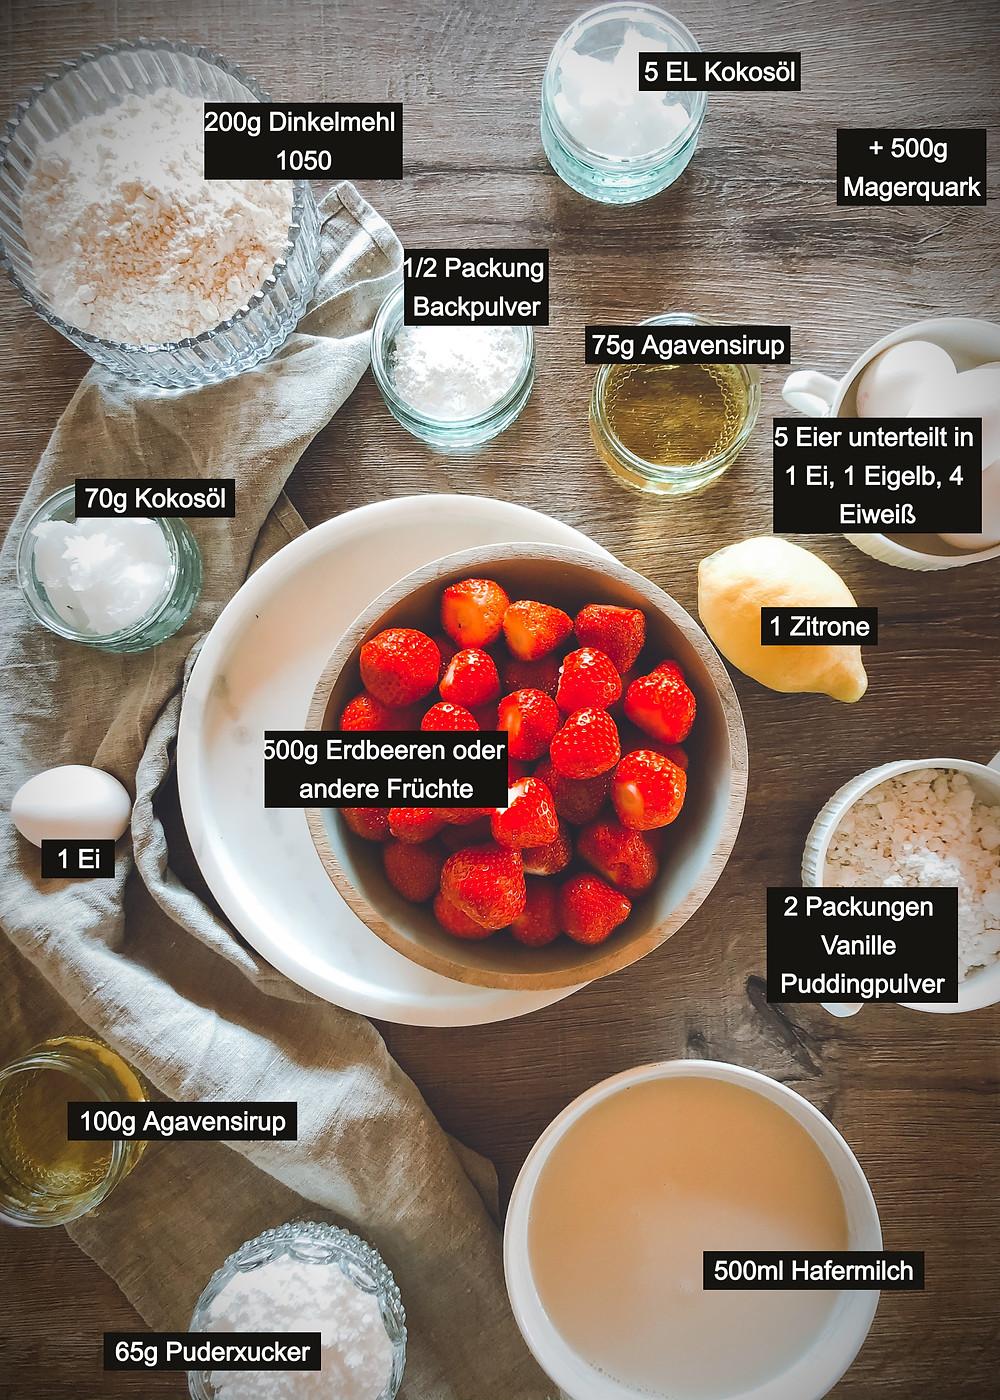 focusflowfood focus flow food Proteinkuchen Käsekuchen Fruchtkuchen luftig lecker gesund lowcarb rezept